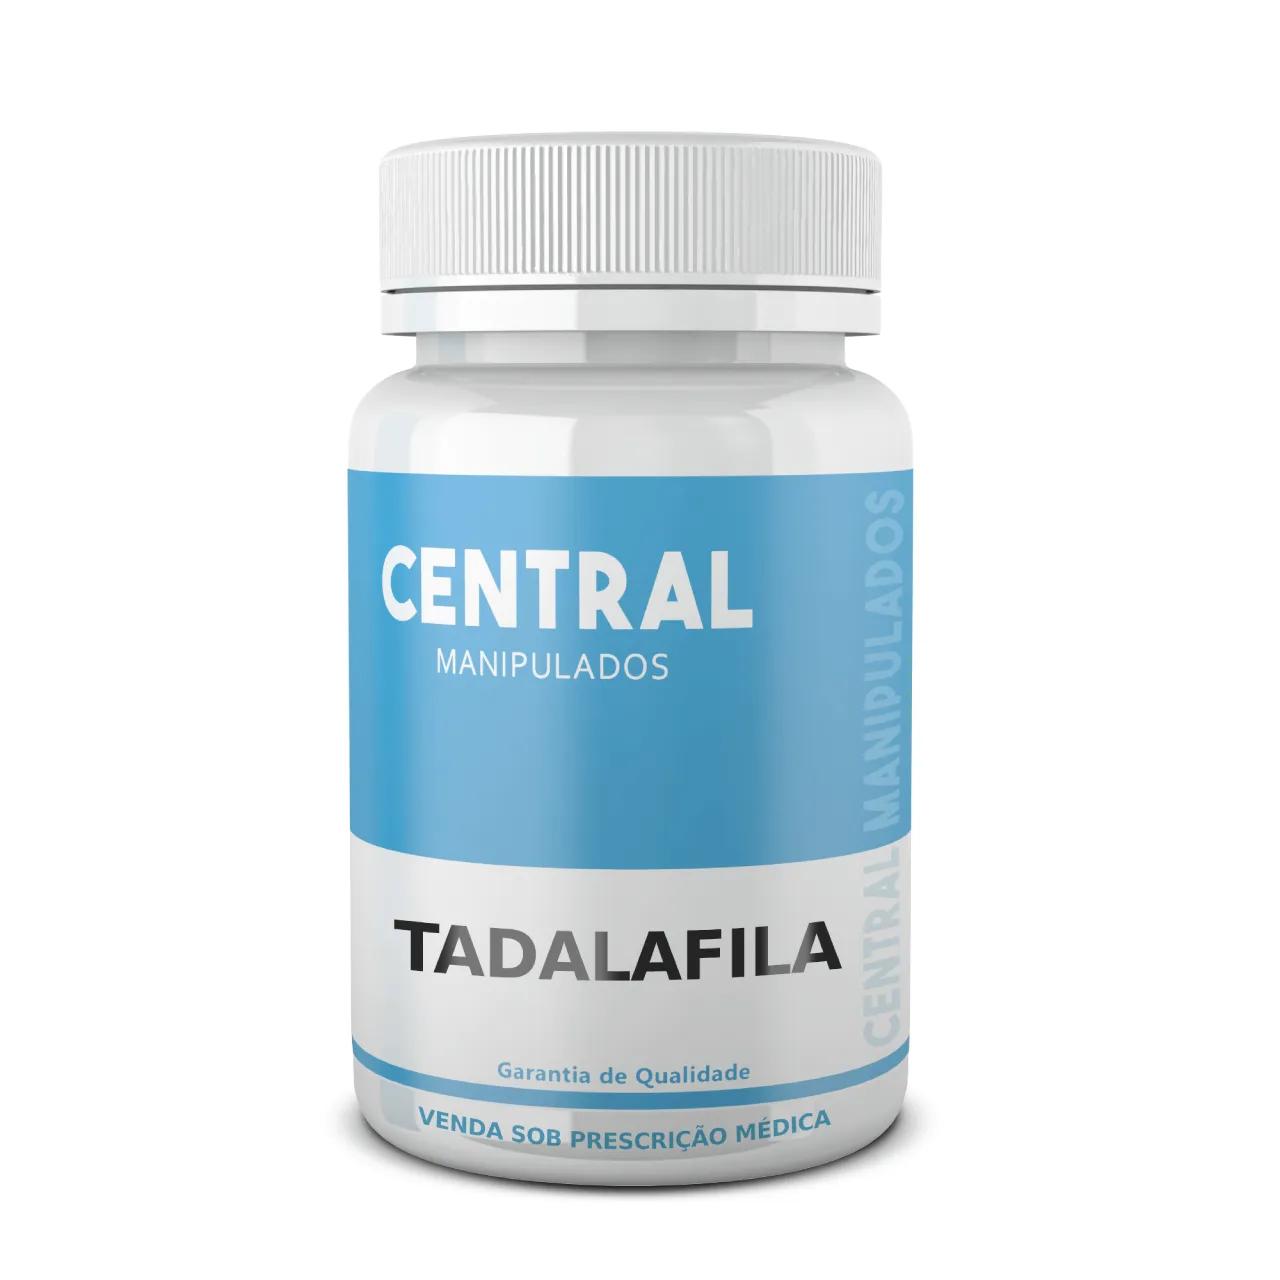 Tadalafila 20mg - 180 cápsulas